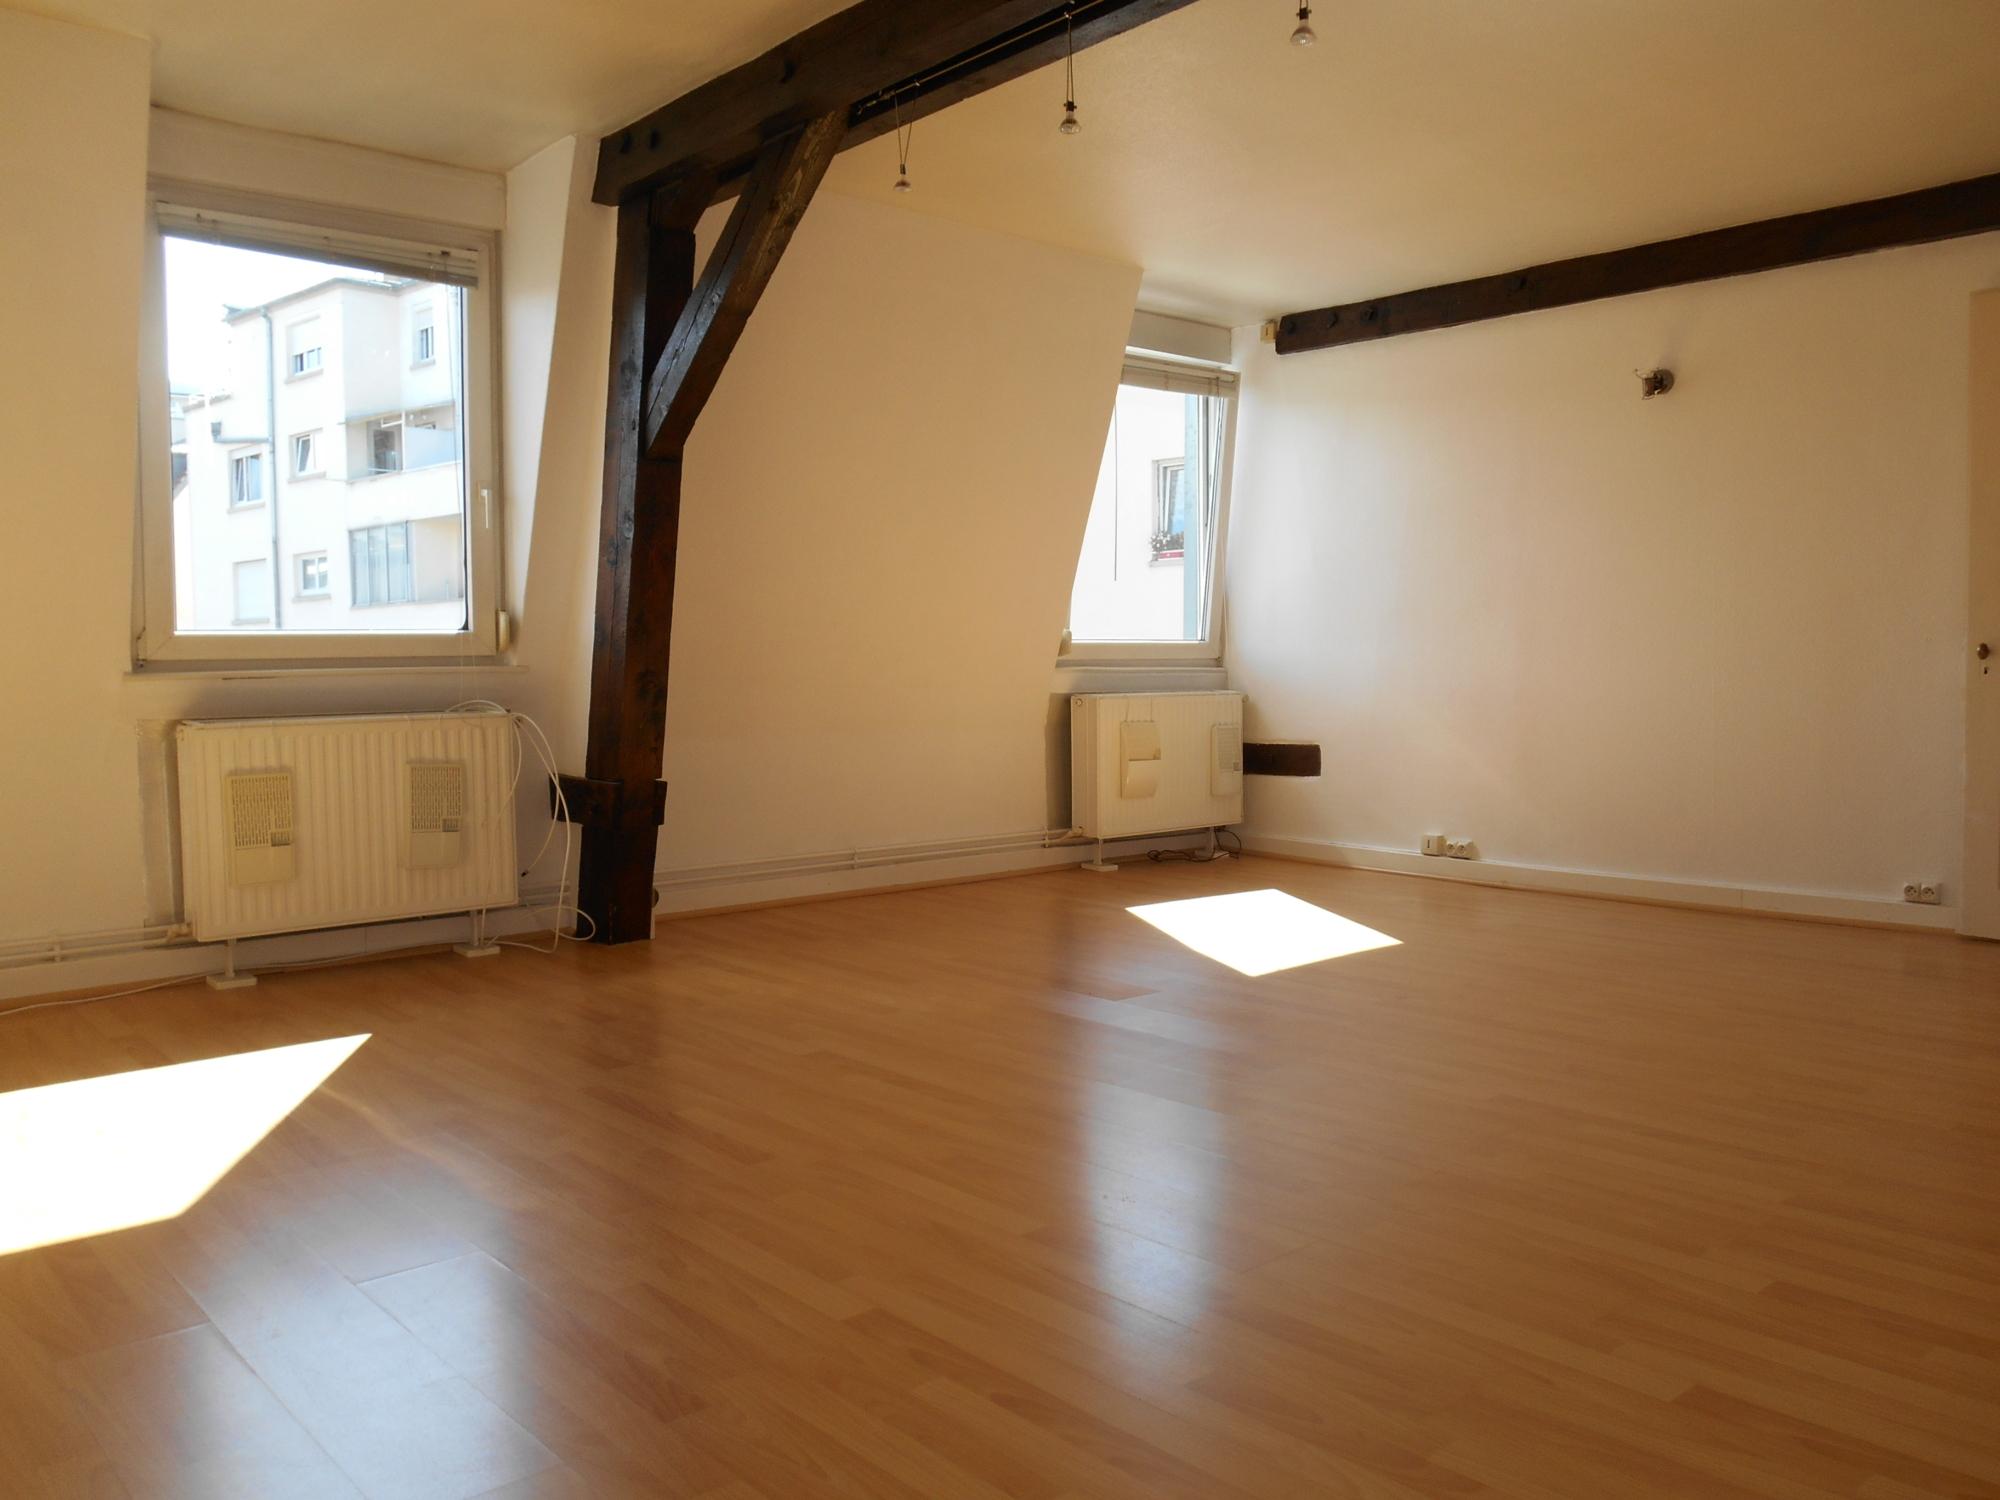 [Printemps] Agréable 3 pièces - Orangerie / rue Stoeber - nos locations - Beausite Immobilier 1